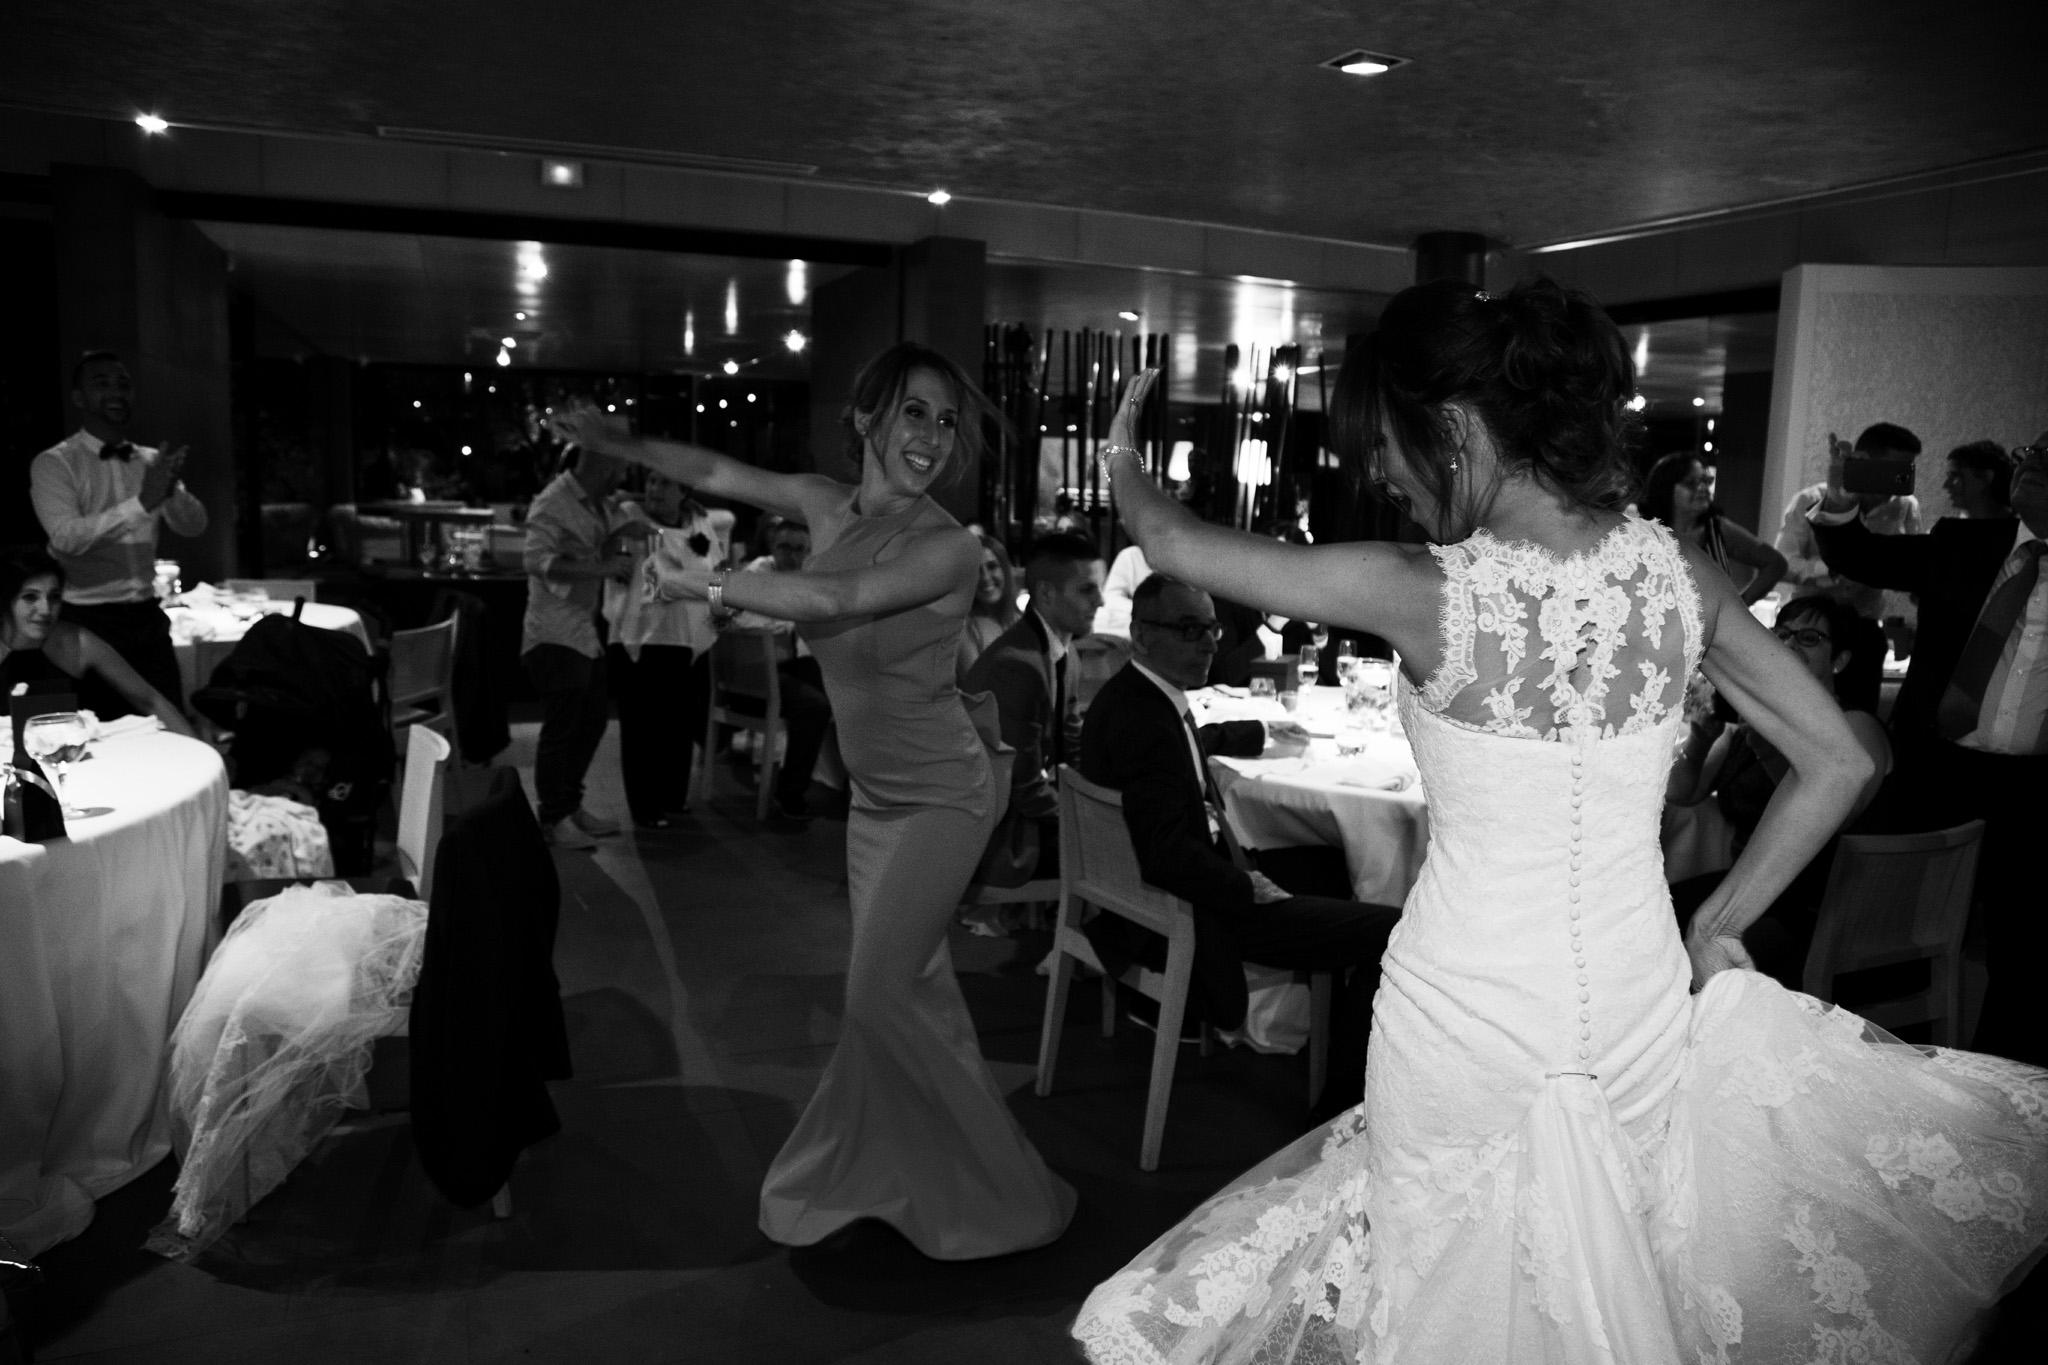 Gran sorpresa, el baile de las hermanas en medio la boda.